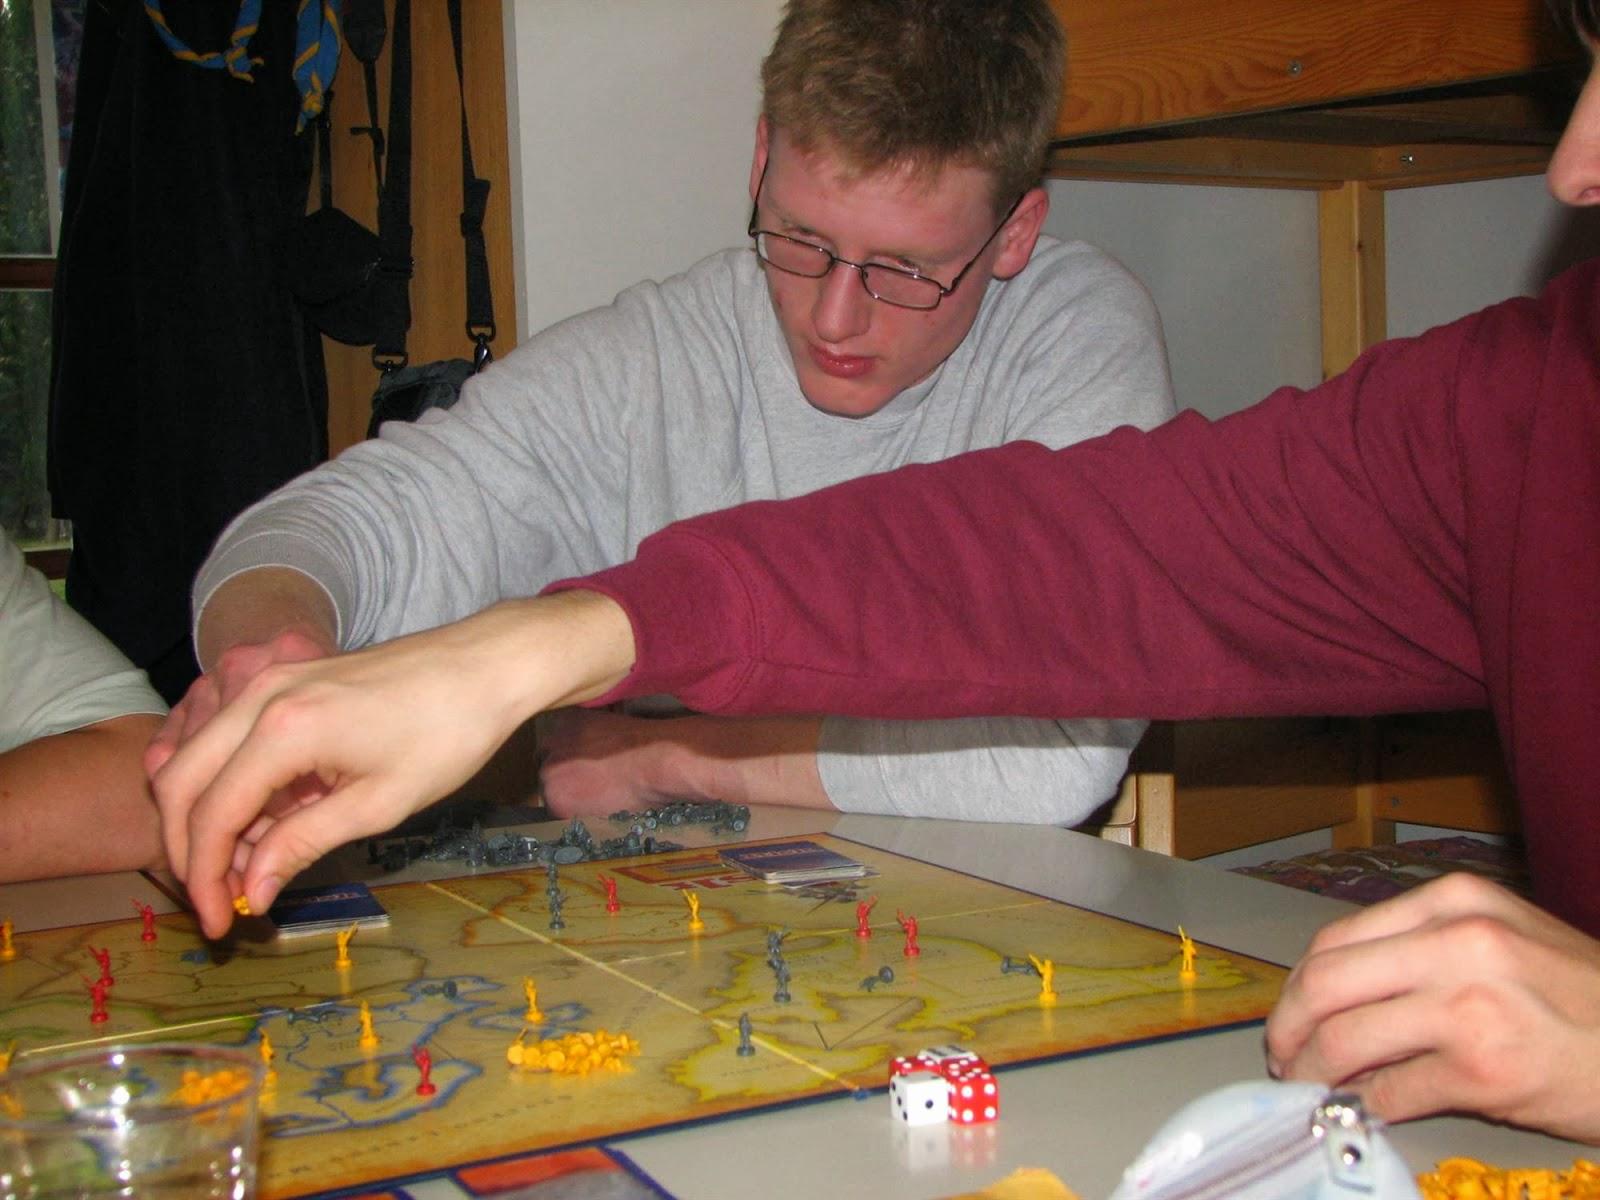 Motivacijski vikend, Lucija 2006 - motivacijski06%2B106.jpg